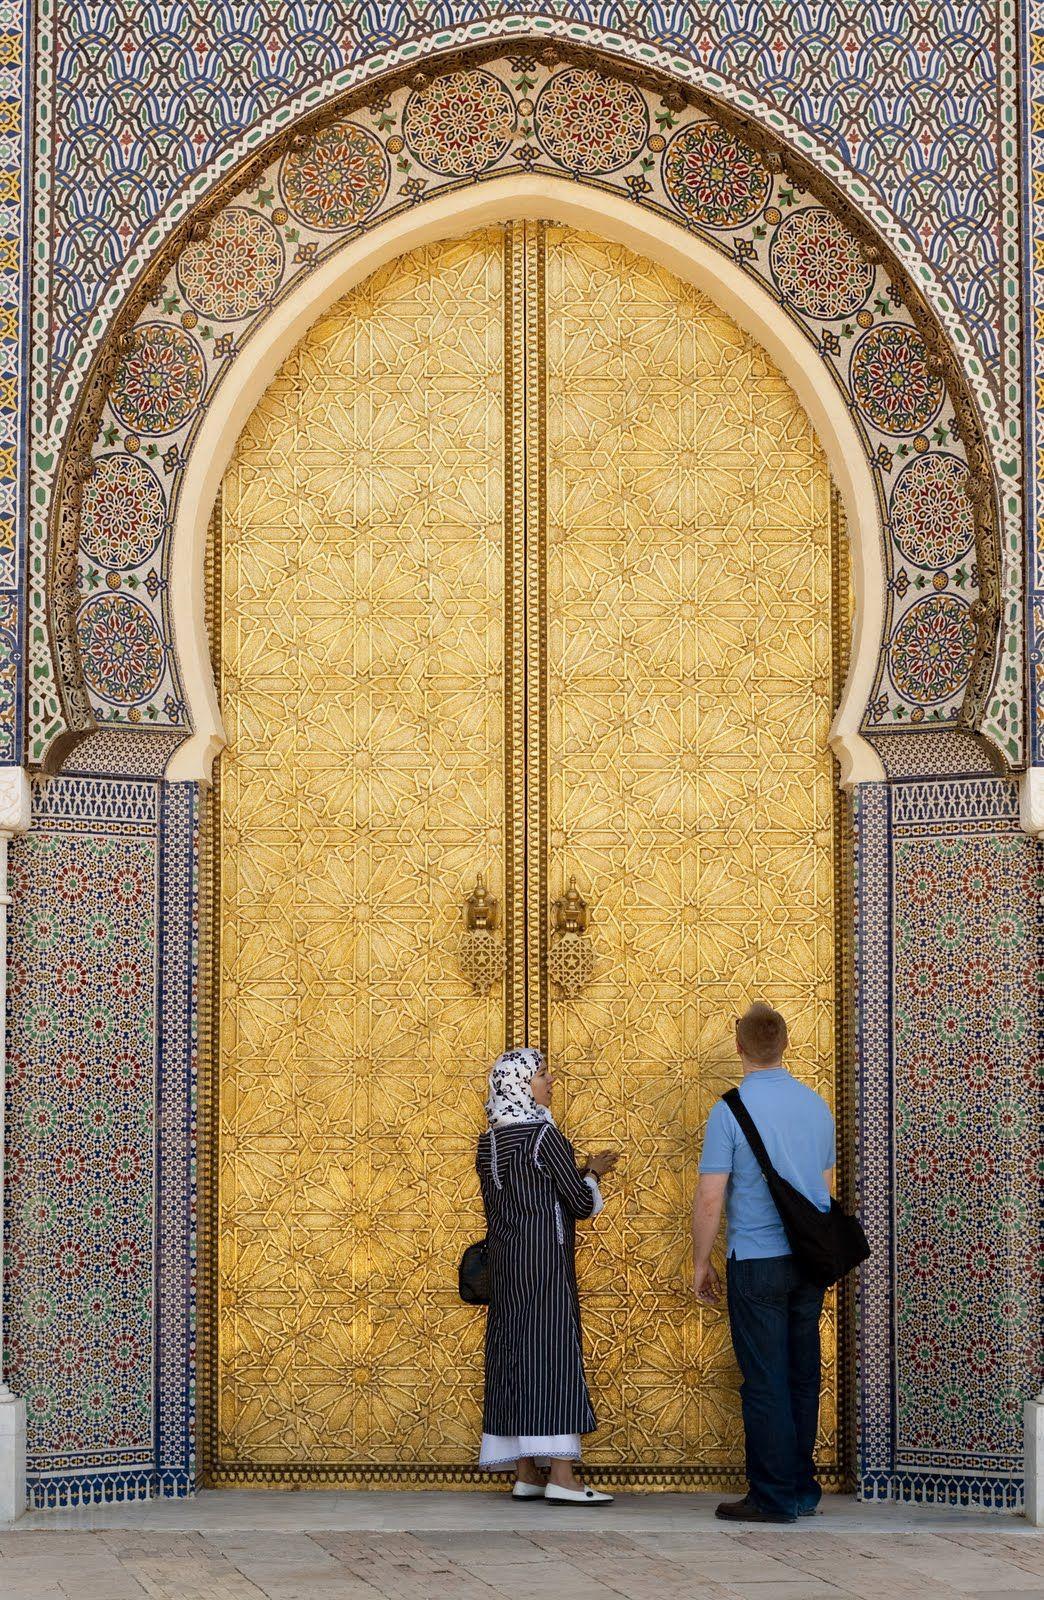 Africa | 14th century door to one of the Kingu0027s palaces. Fez Medina Morocco & Africa | 14th century door to one of the Kingu0027s palaces. Fez ... pezcame.com